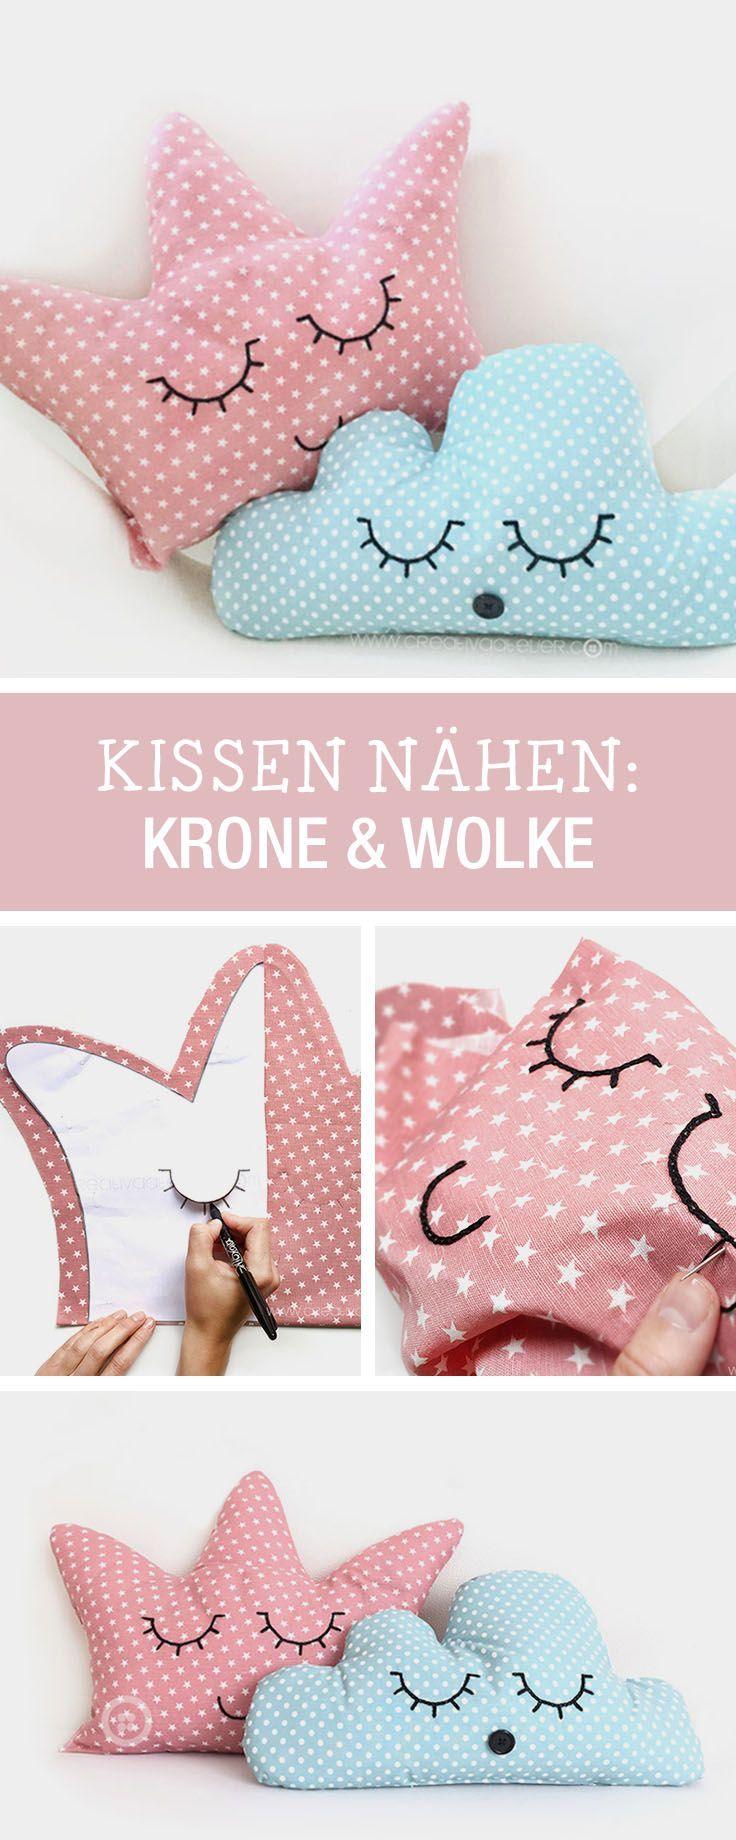 Kinderzimmer deko nähen  DIY-Anleitung: Kissen als Krone und Wolke für kleine Prinzessinnen ...